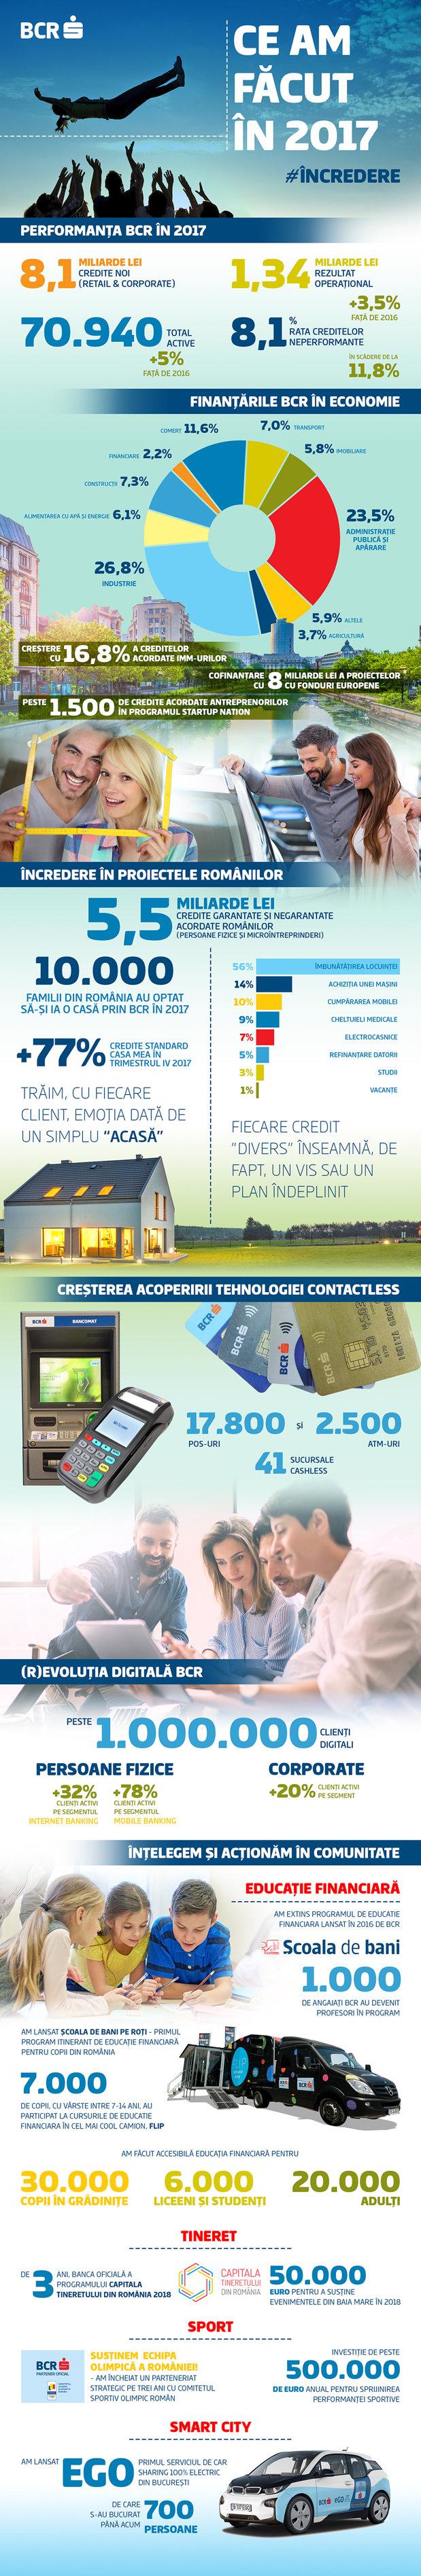 Profit record pentru cea mai mare bancă din România